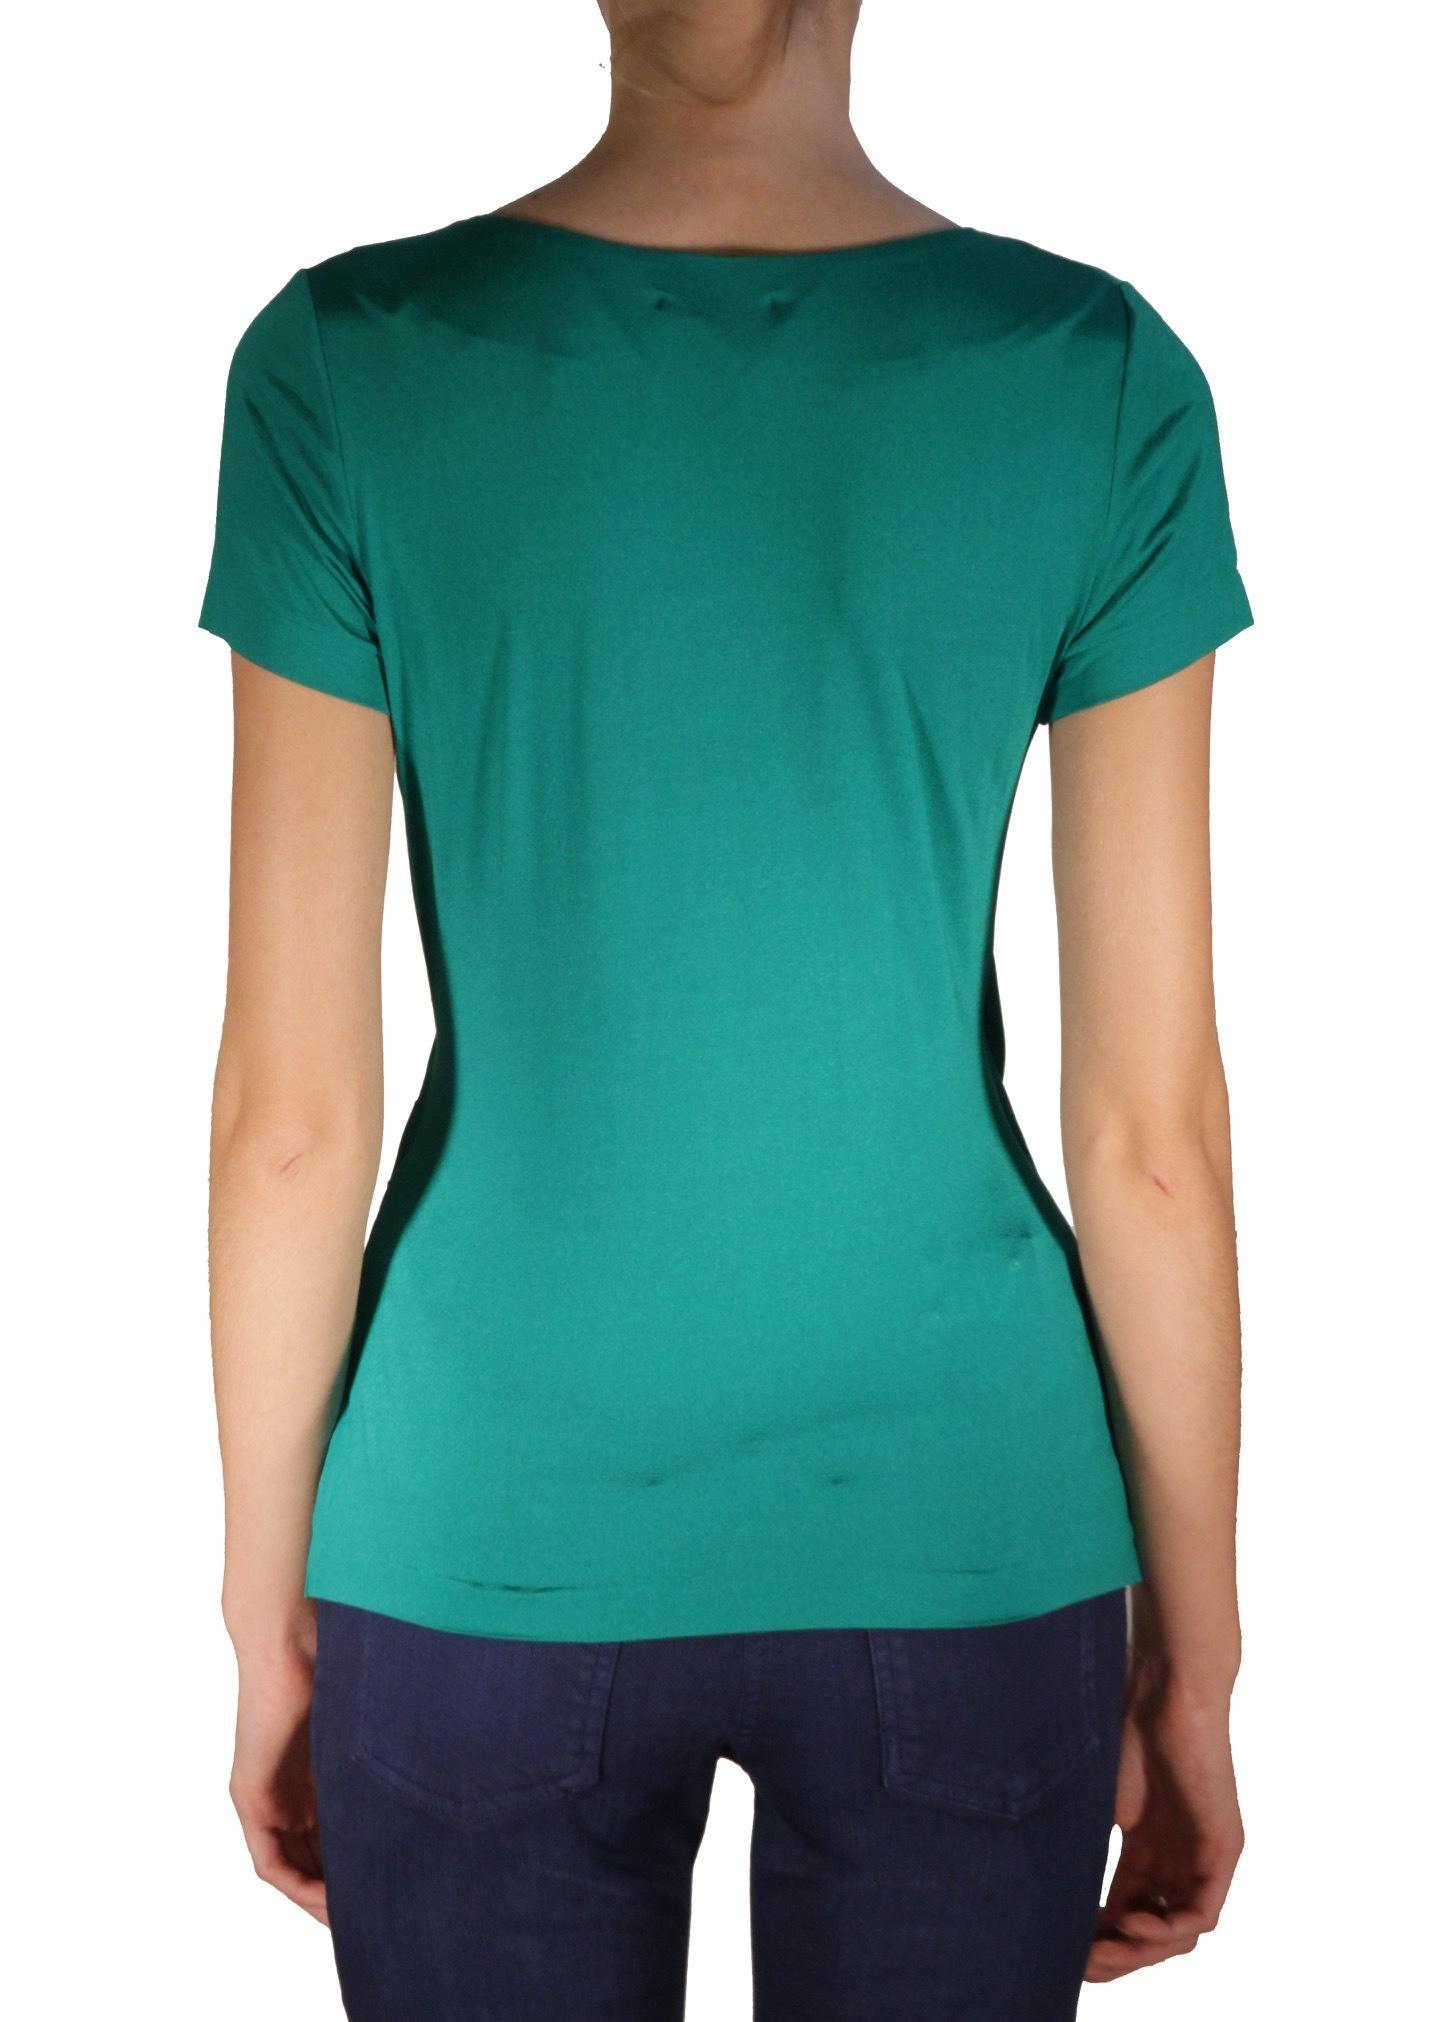 Топ. Цвет голубой/зеленый ETRO